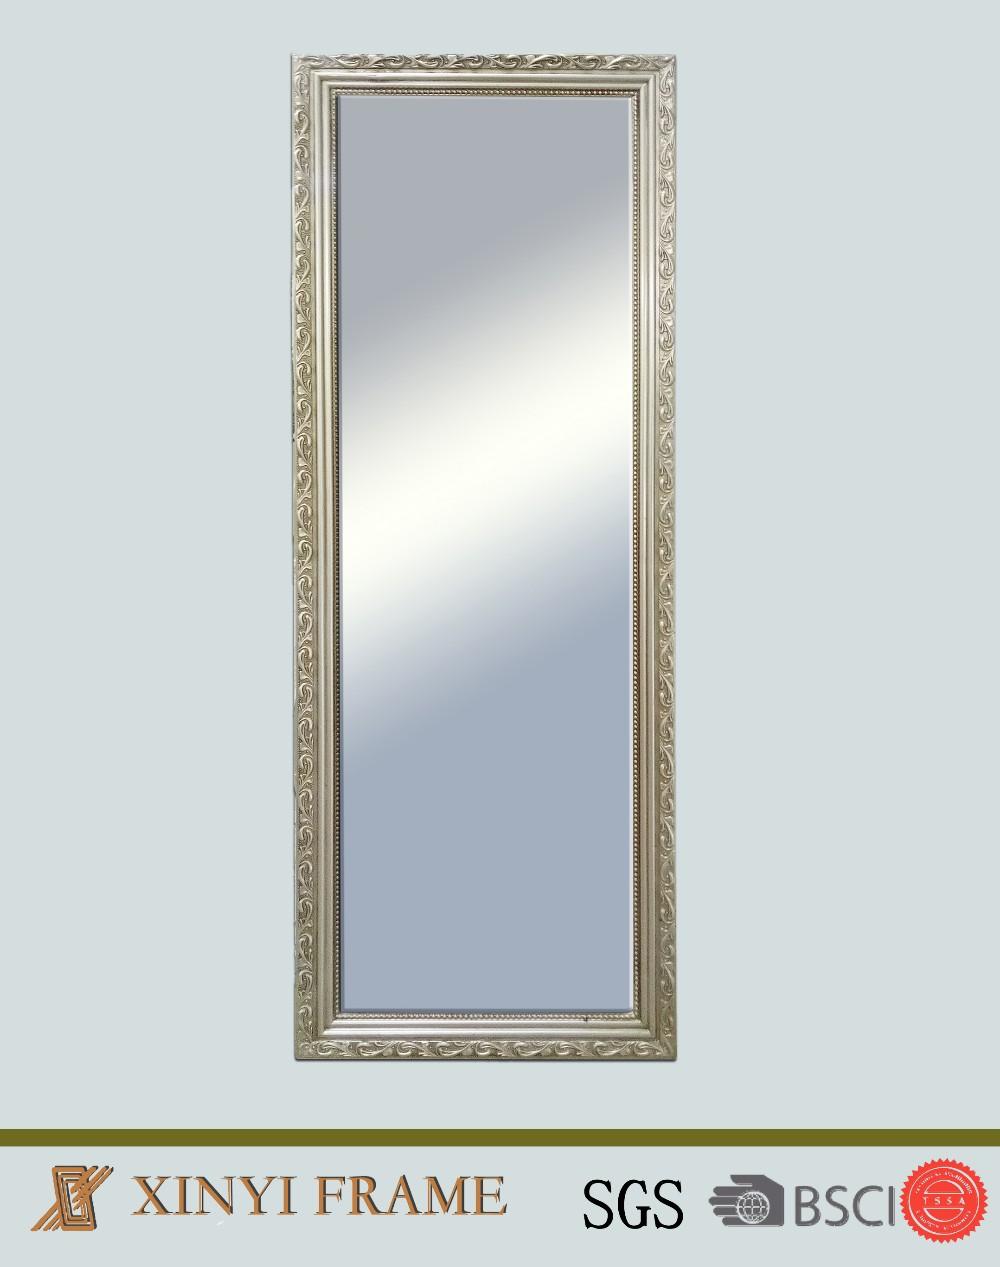 Murah Dinding Aluminium Mandi Cermin Yang Besar